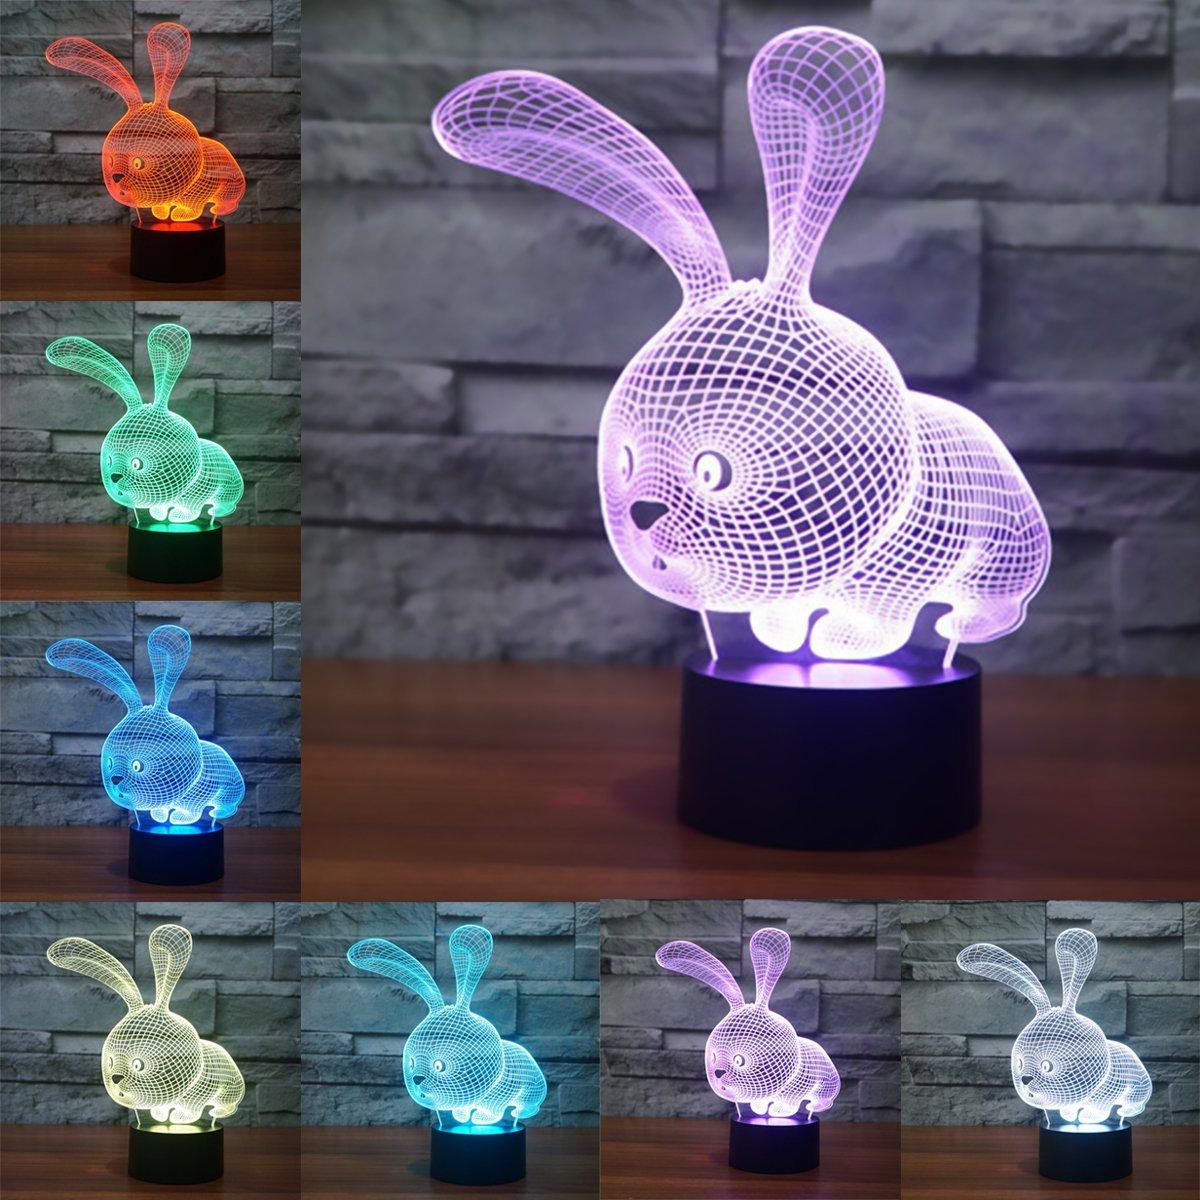 LSMY Veilleuse Lampe de V/élo Lumi/ère de Nuit avec C/âble USB et 7 Couleurs D/écoration pour Enfant Chambre Chevet Table de B/éb/é Enfant Cadeau De No/ël F/ête Anniversaire 3D LED Lampe dillusion Optique